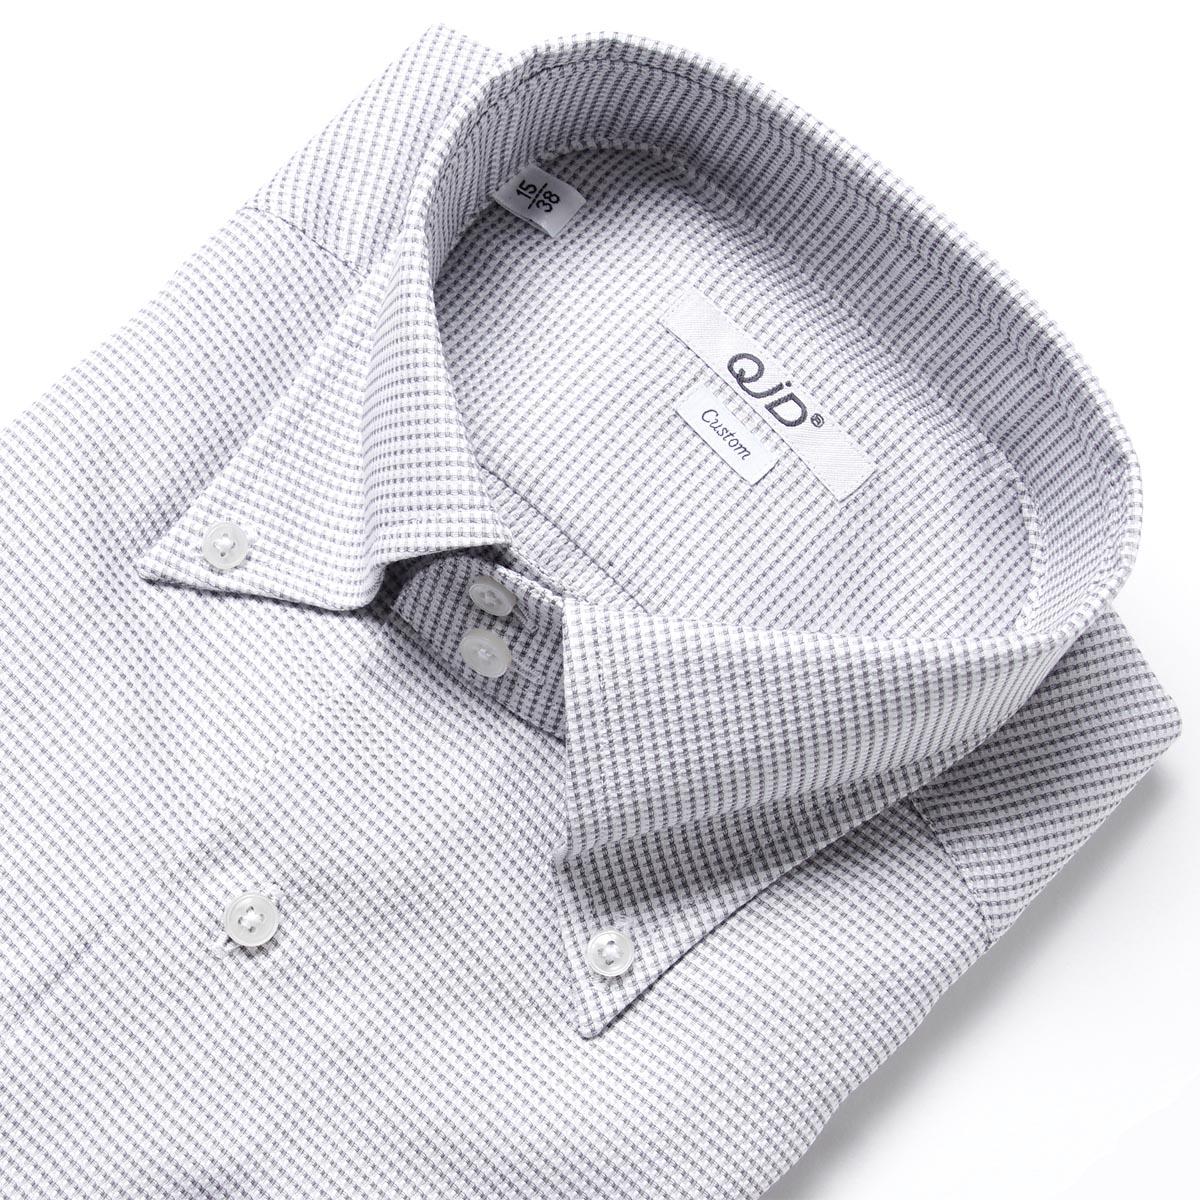 クイードシャツイタリアファクトリーブランドシャツ